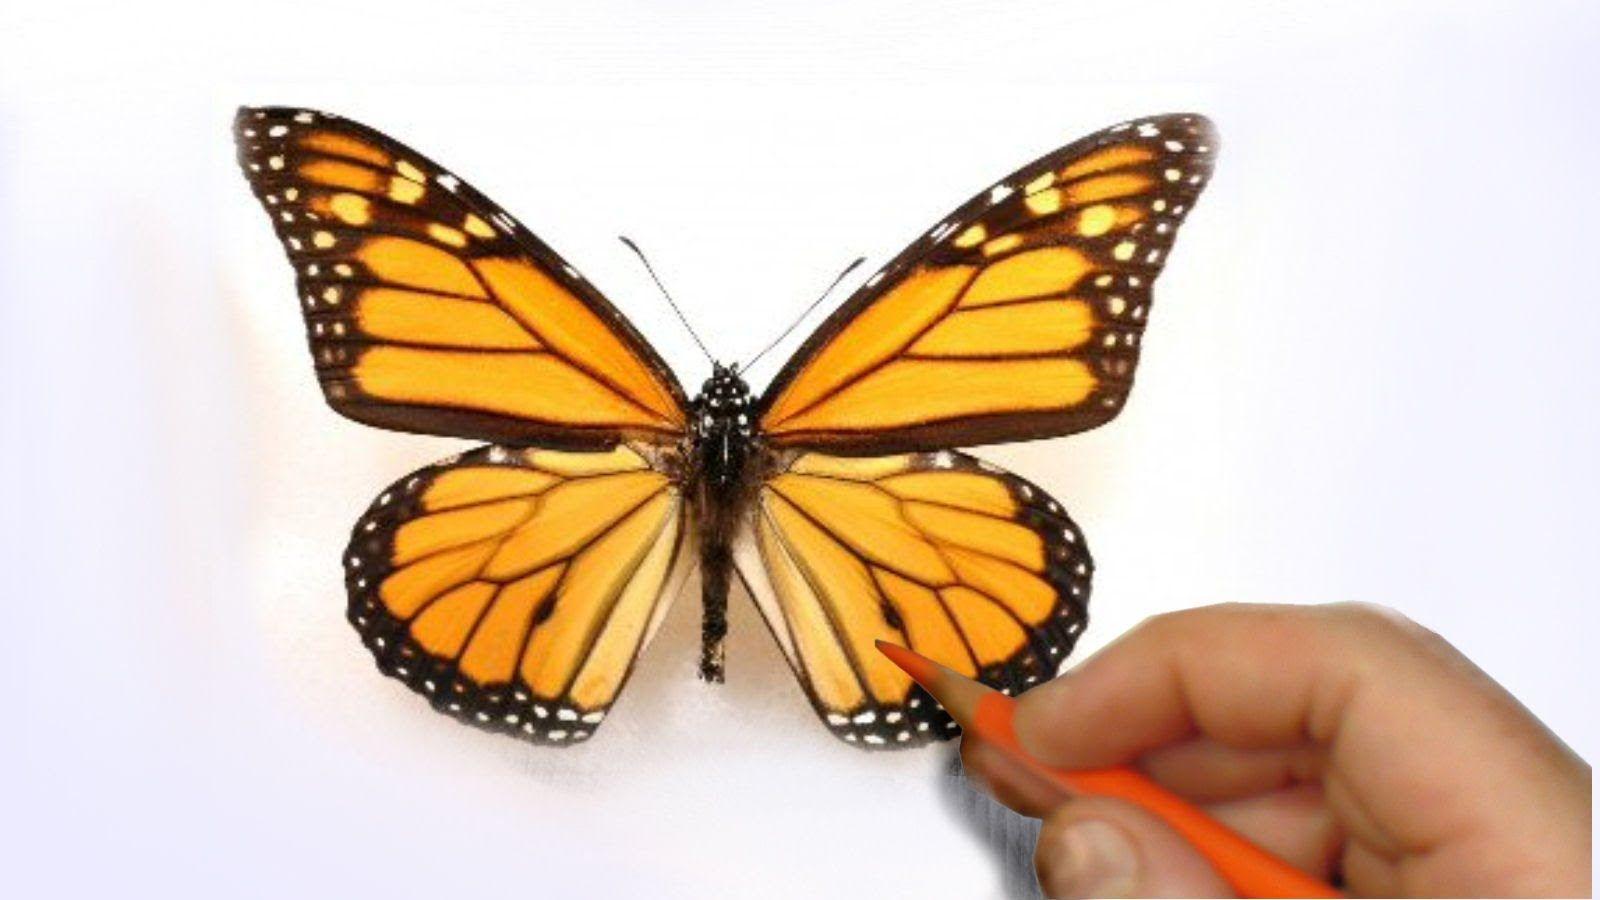 Dessiner un papillon r aliste techniques de dessin tegninger et malerier - Dessine un papillon ...